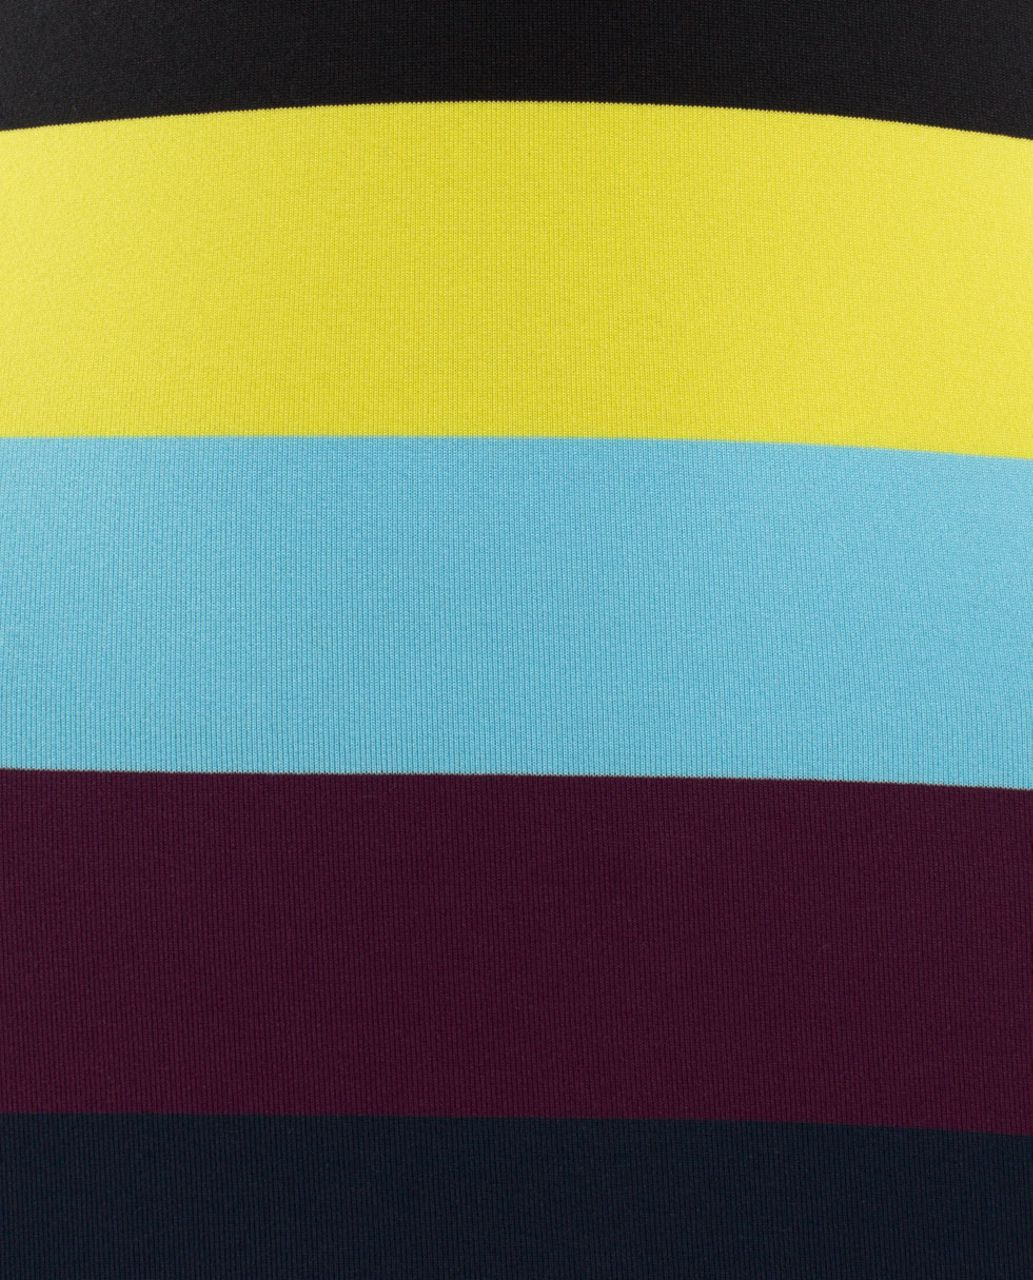 Lululemon Cool Racerback - Pow Stripe Split Pea / Plum / Inkwell